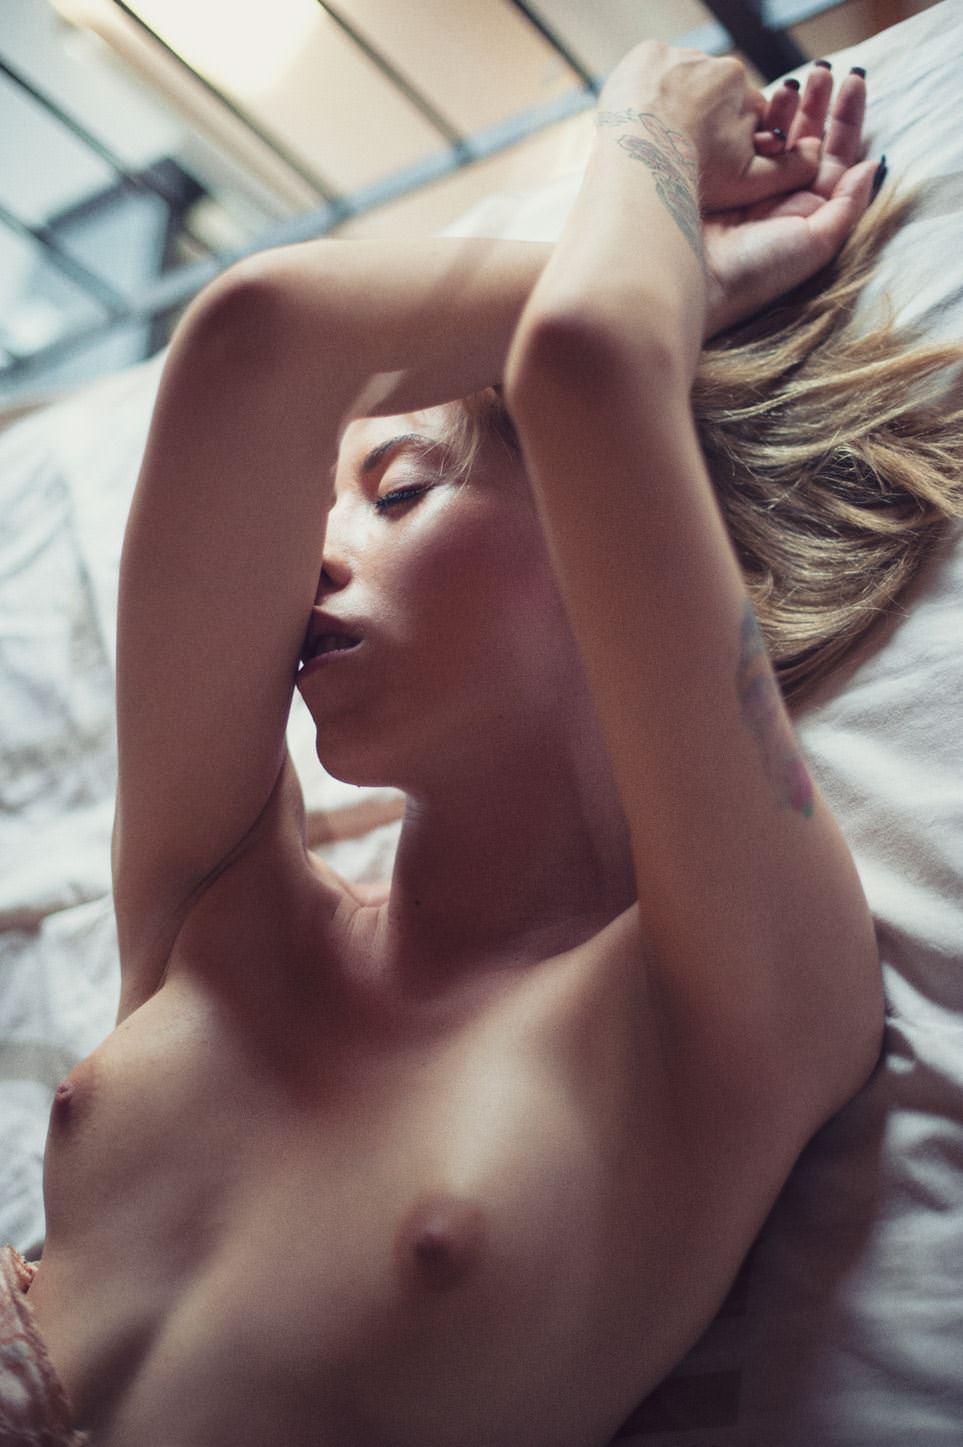 【外人】清い心で見ることが出来る芸術的美少女のポルノ画像 11126